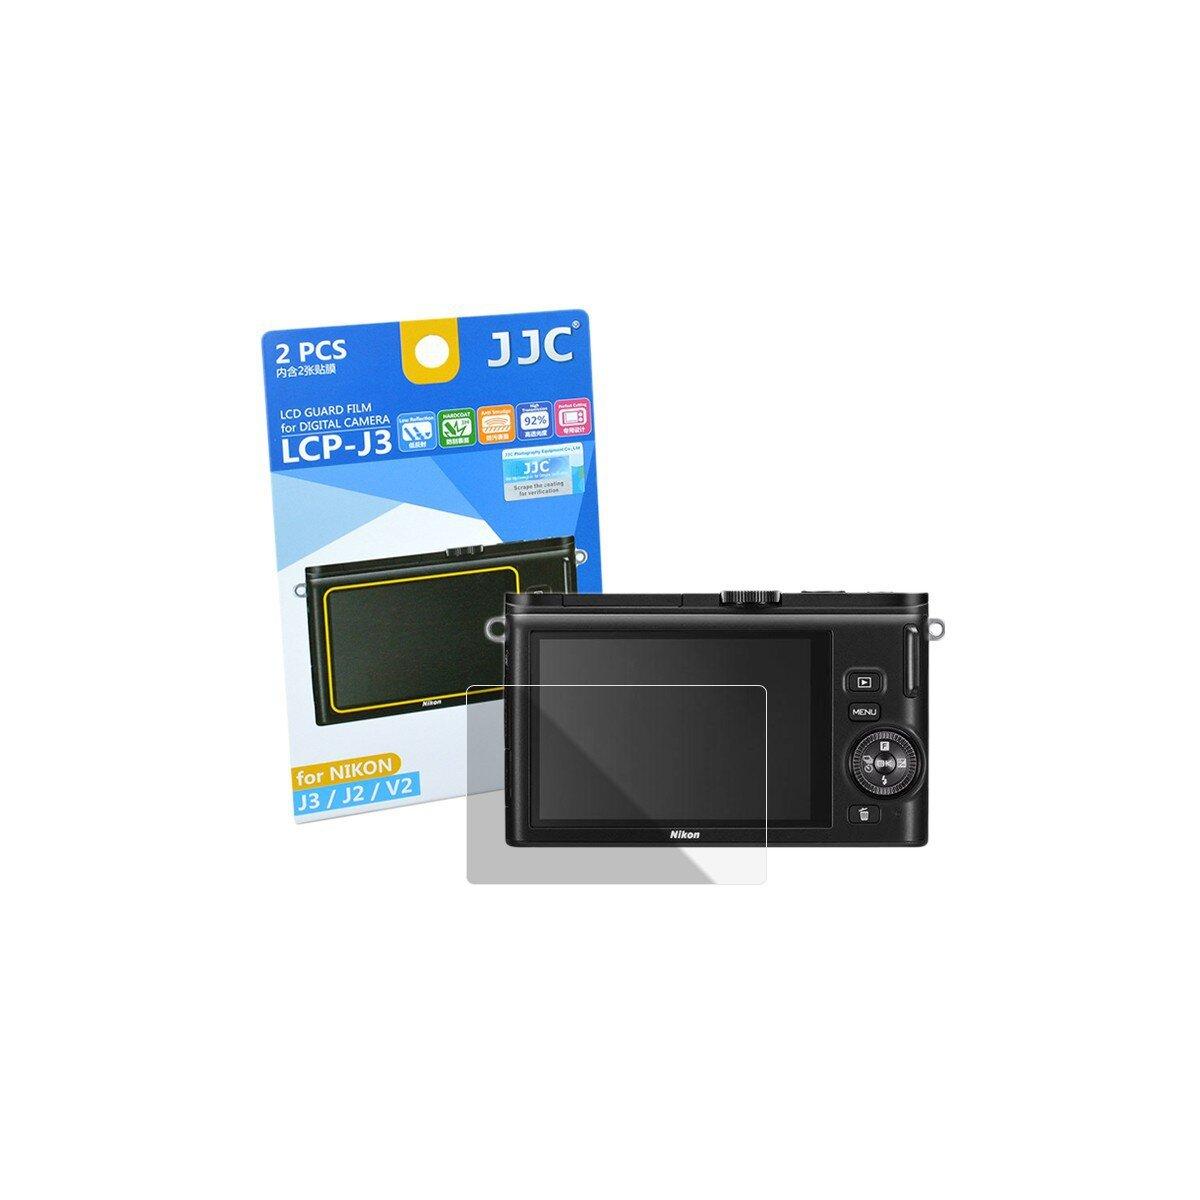 JJC Displayschutzfolie Screen Protector Kratzschutz passgenau kompatibel mit Nikon J3, J2, V2 -LCP-J3